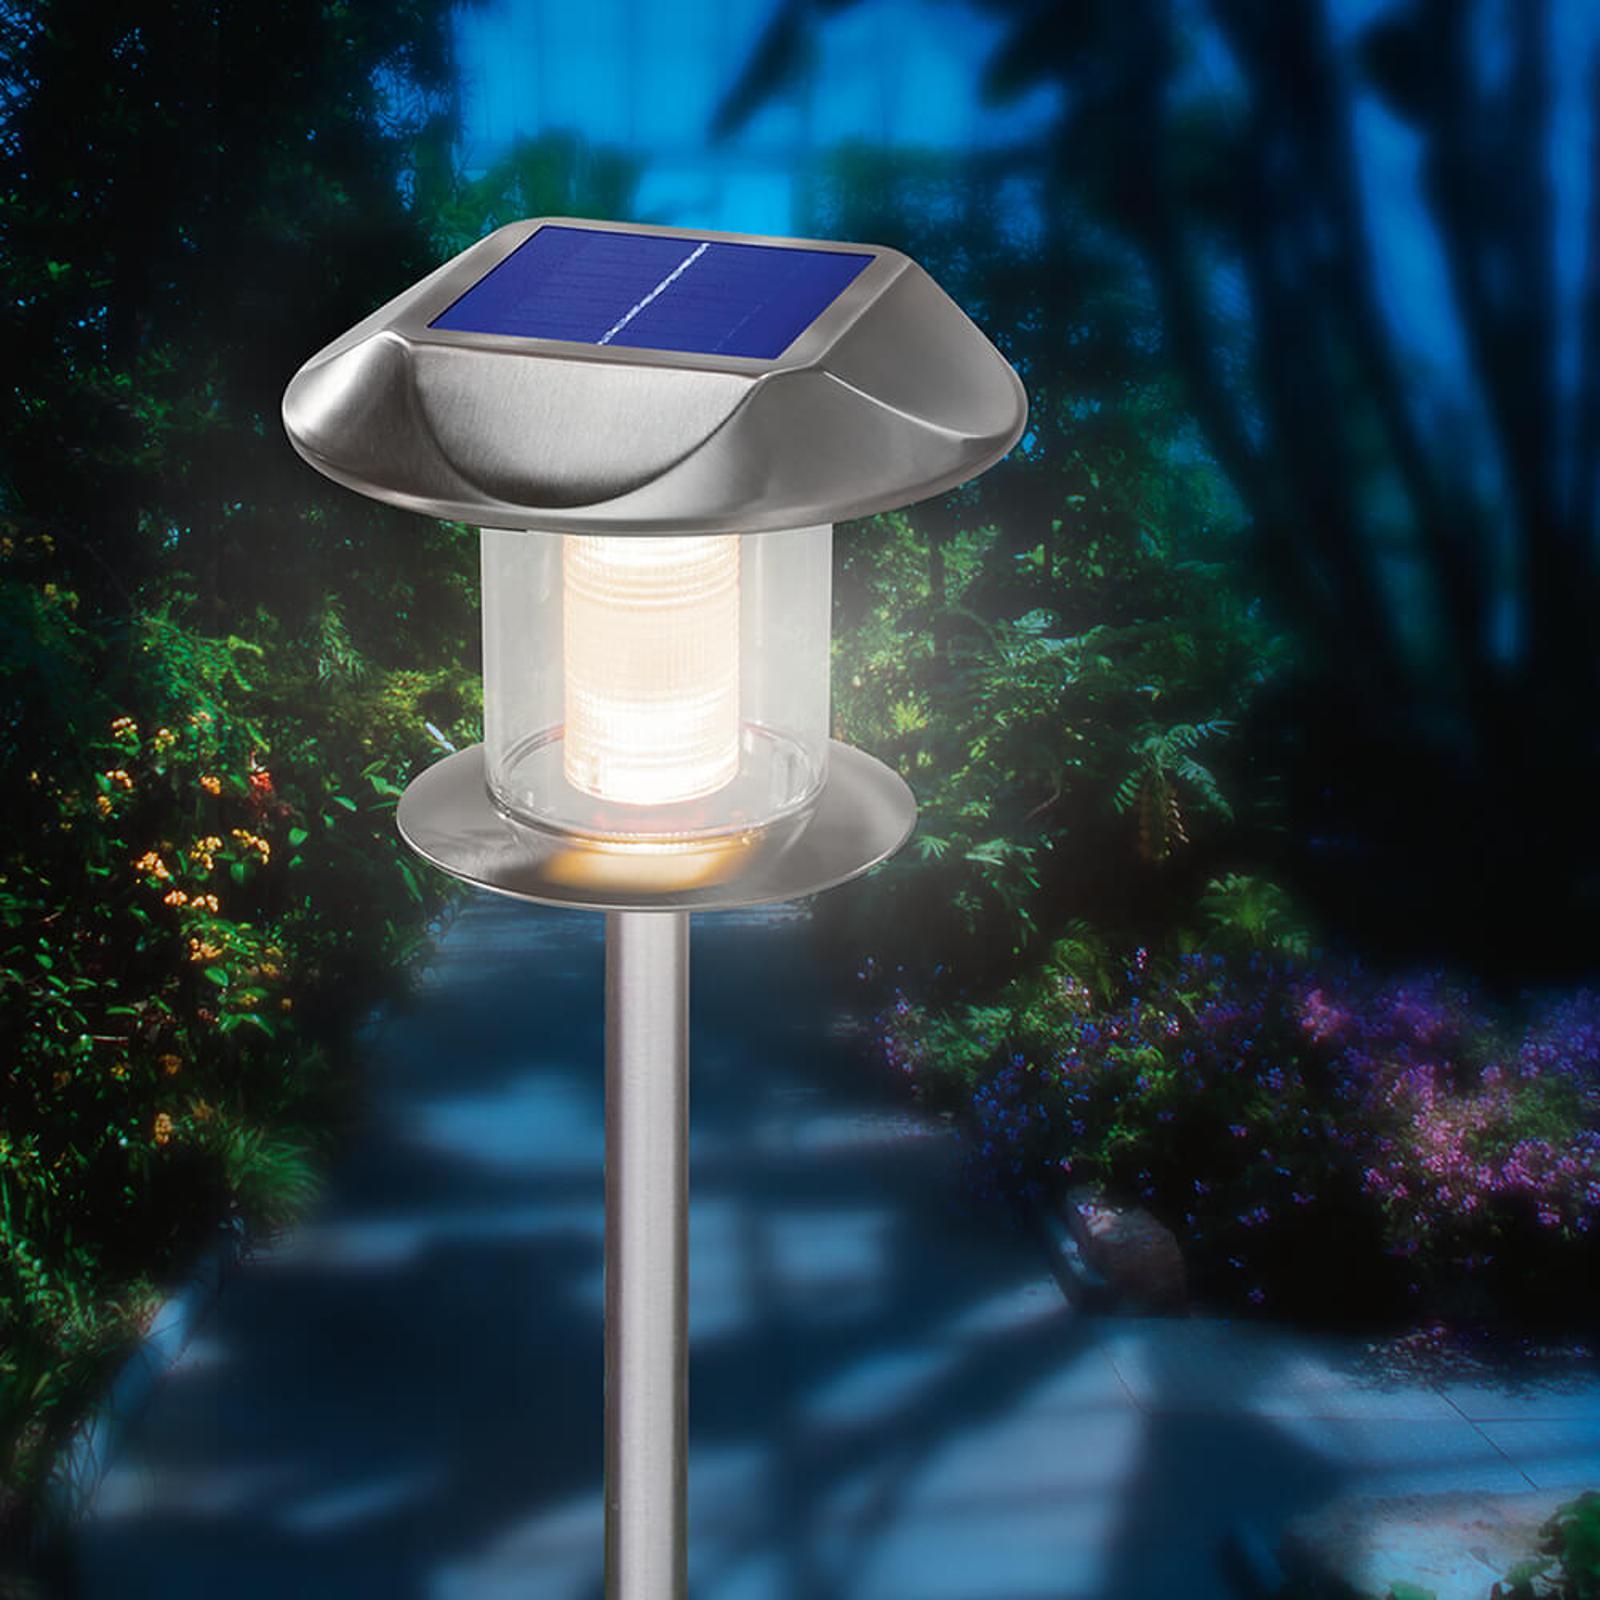 Solární LED lampa Sunny, teplé bílé a denní světlo